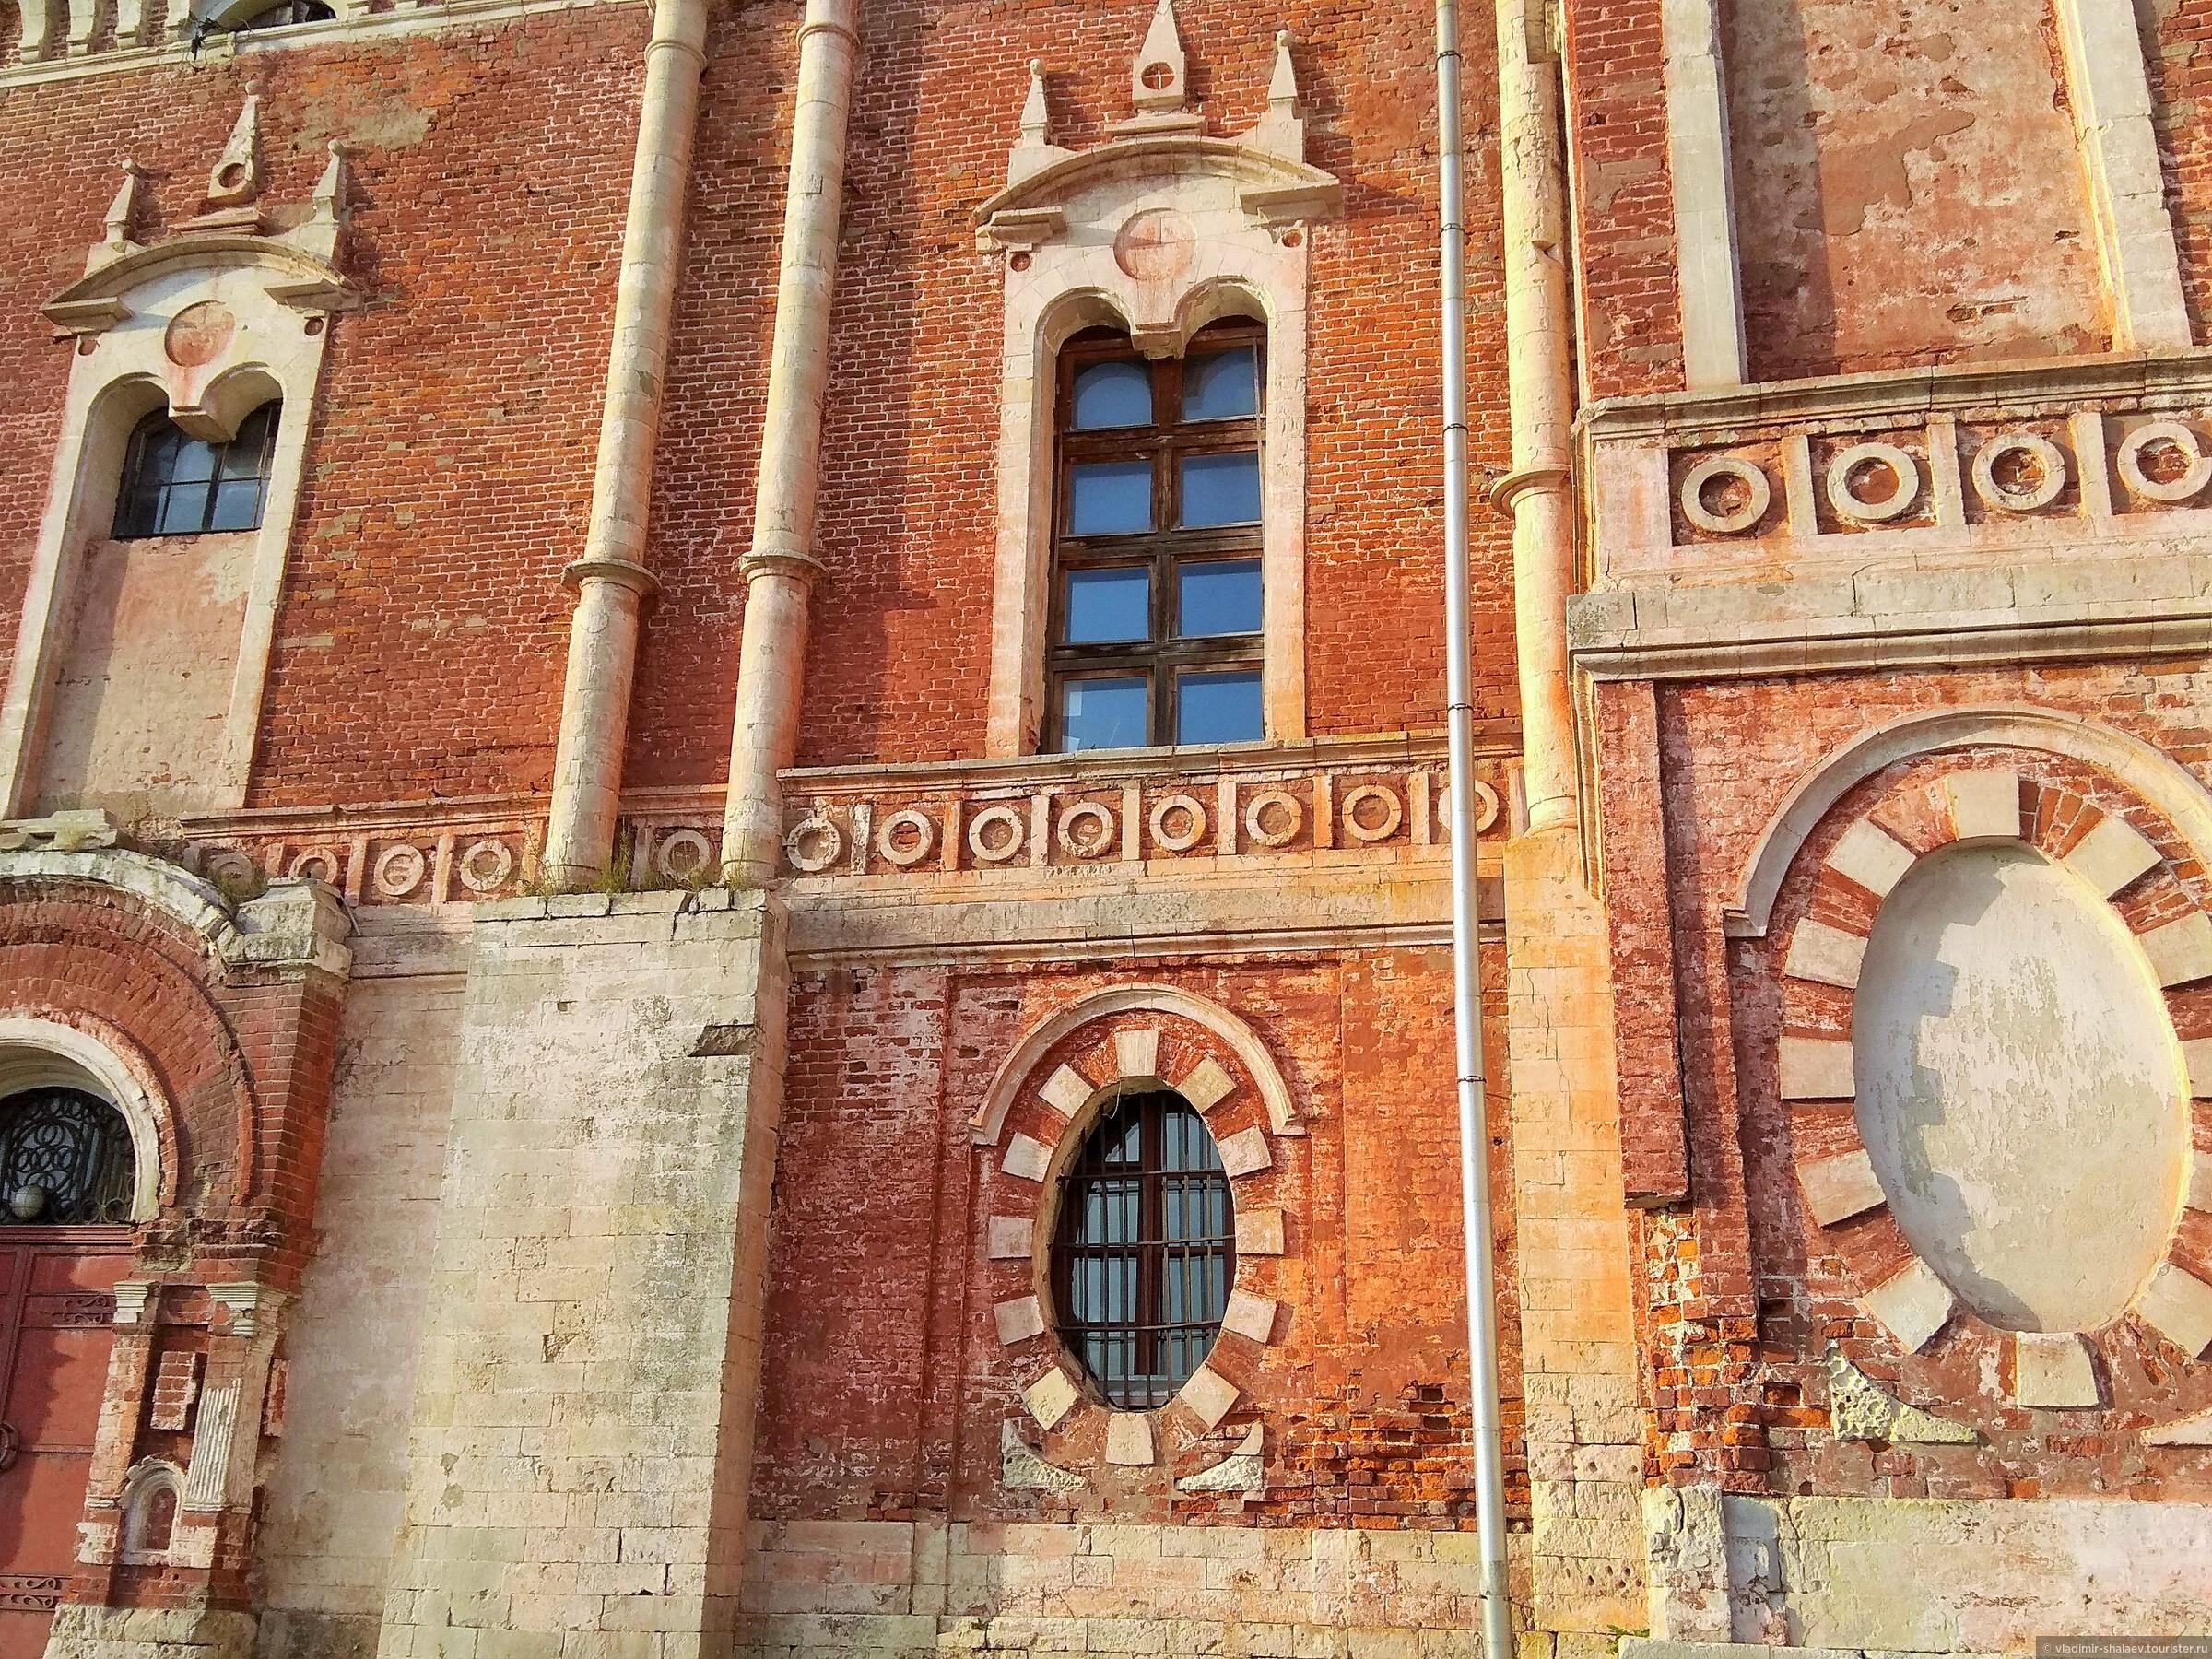 Собор очень красив из-за его естественного кирпичного цвета., Попутный город